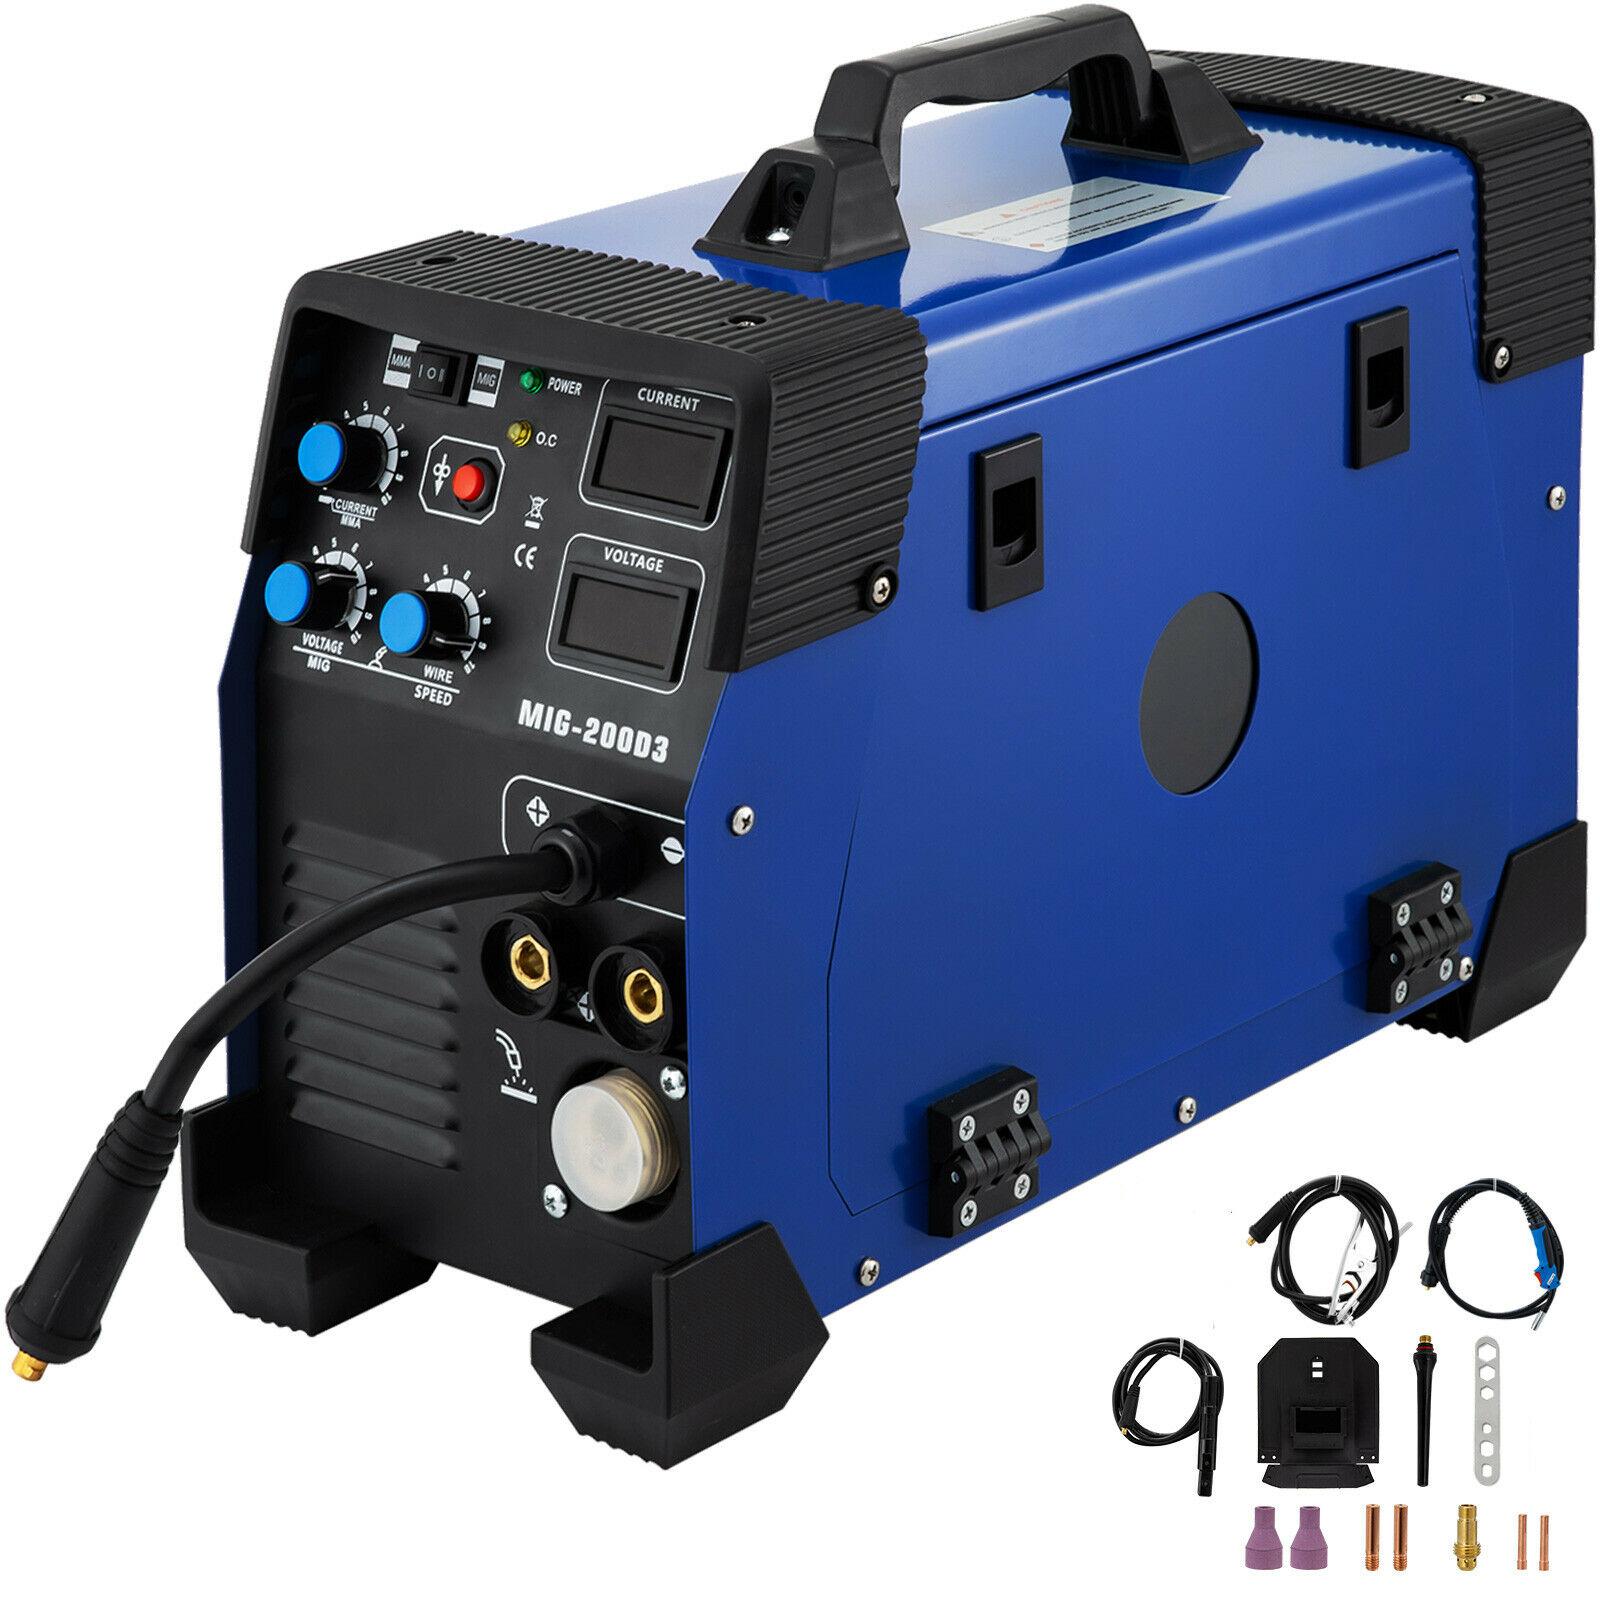 3 in 1 MIG/TIG/MMA Inverter Schweißer 200Amp Combo Schweißen Schweißer Maschine